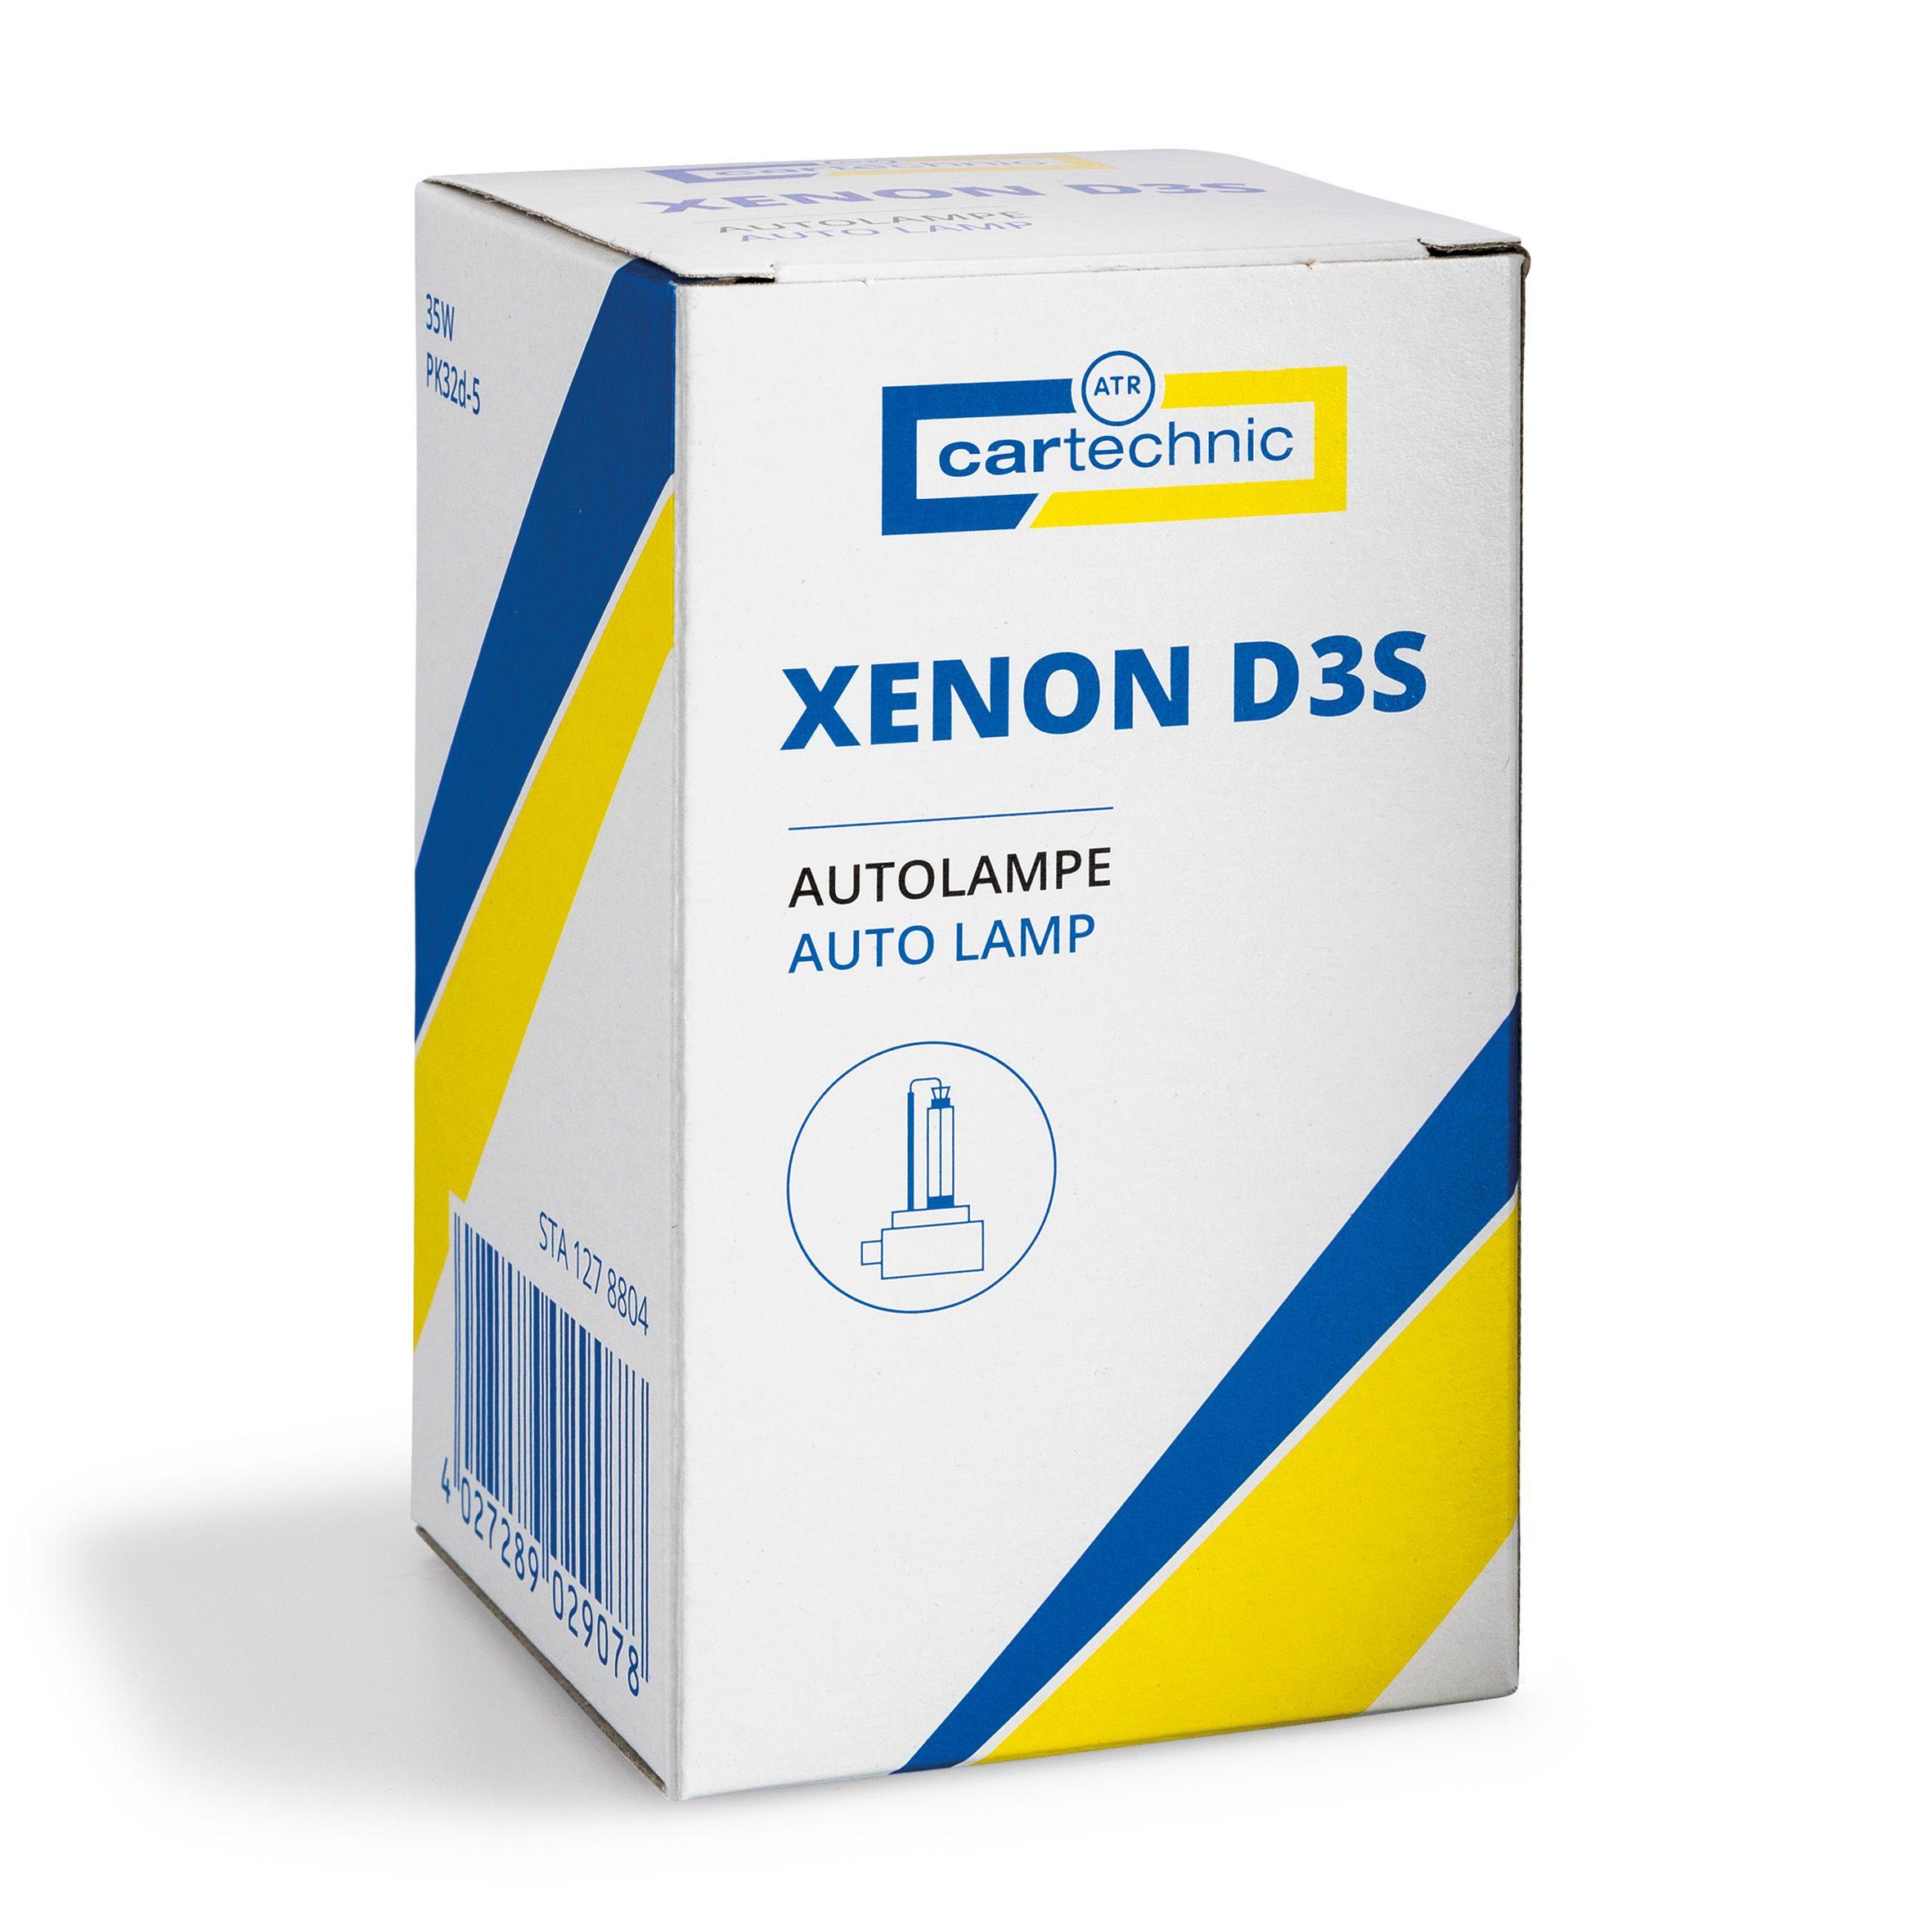 CARTECHNIC Gasentladungslampe D3S Xenon 42 Volt 35 Watt PK32d-5 40 27289 02907 8